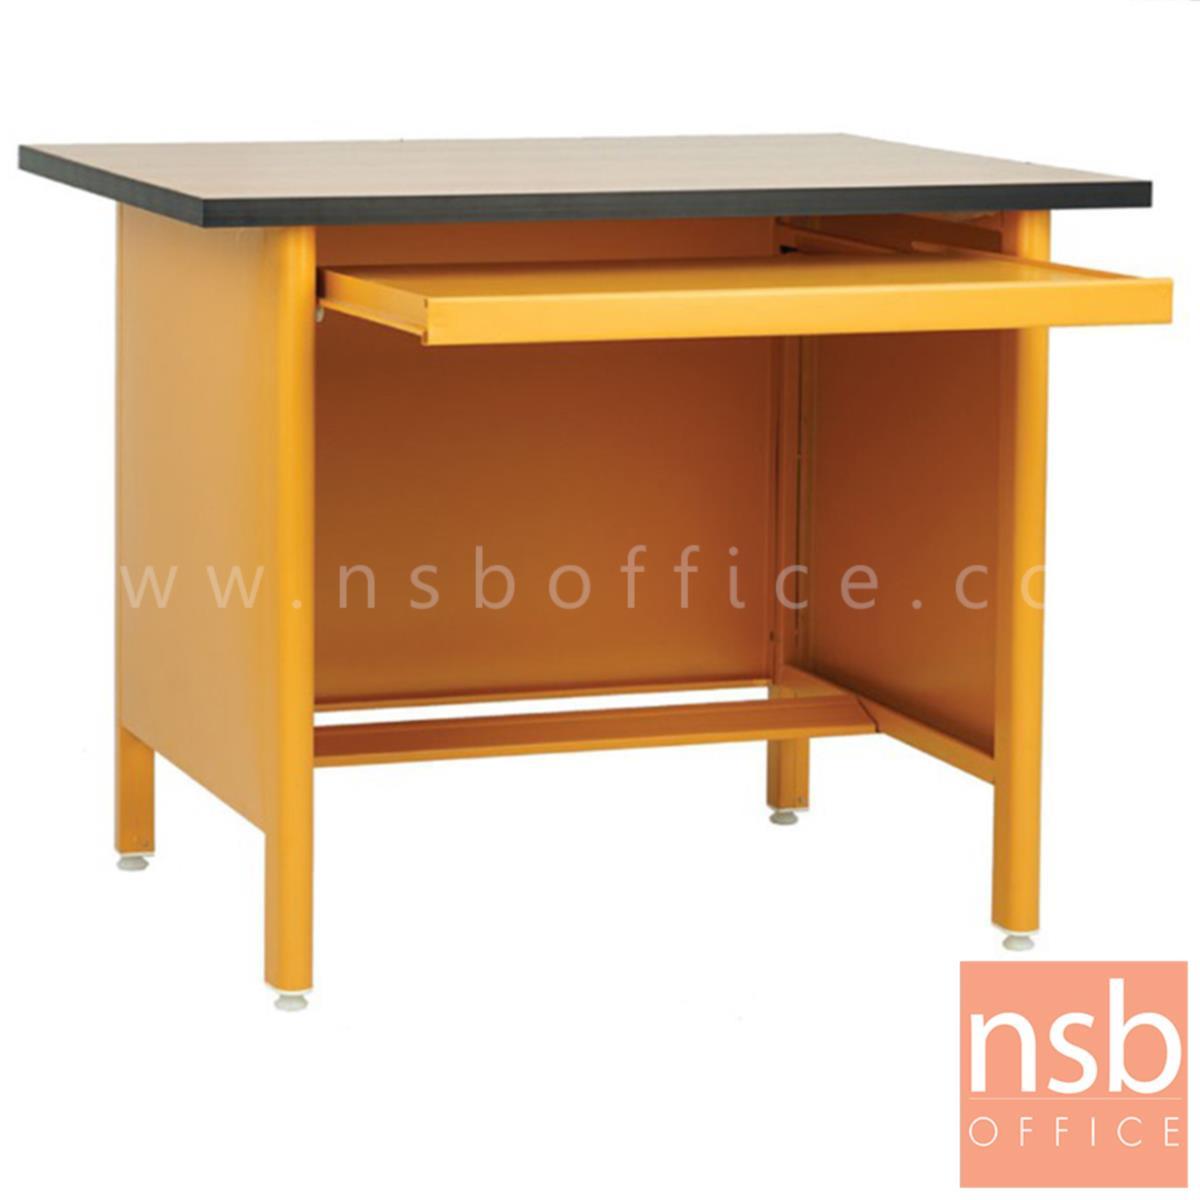 โต๊ะคอมพิวเตอร์เหล็กหน้า TOP ไม้เมลามีน  3 ฟุต    พร้อมรางคีย์บอร์ด